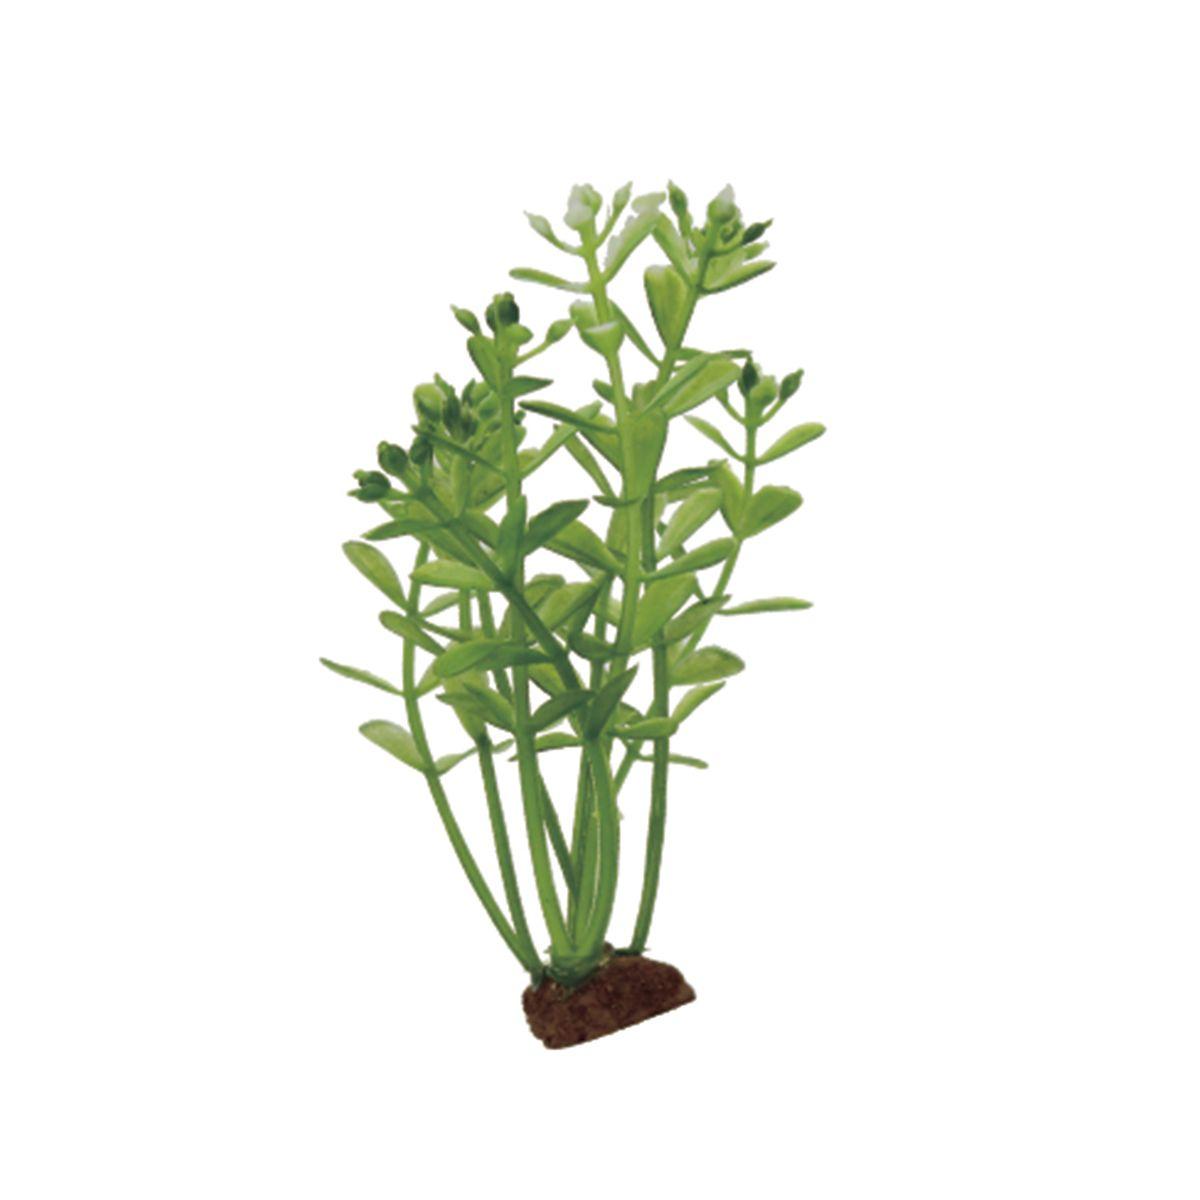 Растение для аквариума ArtUniq Ротала, высота 10 см, 6 штART-1170532Растение для аквариума ArtUniq Ротала, высота 10 см, 6 шт